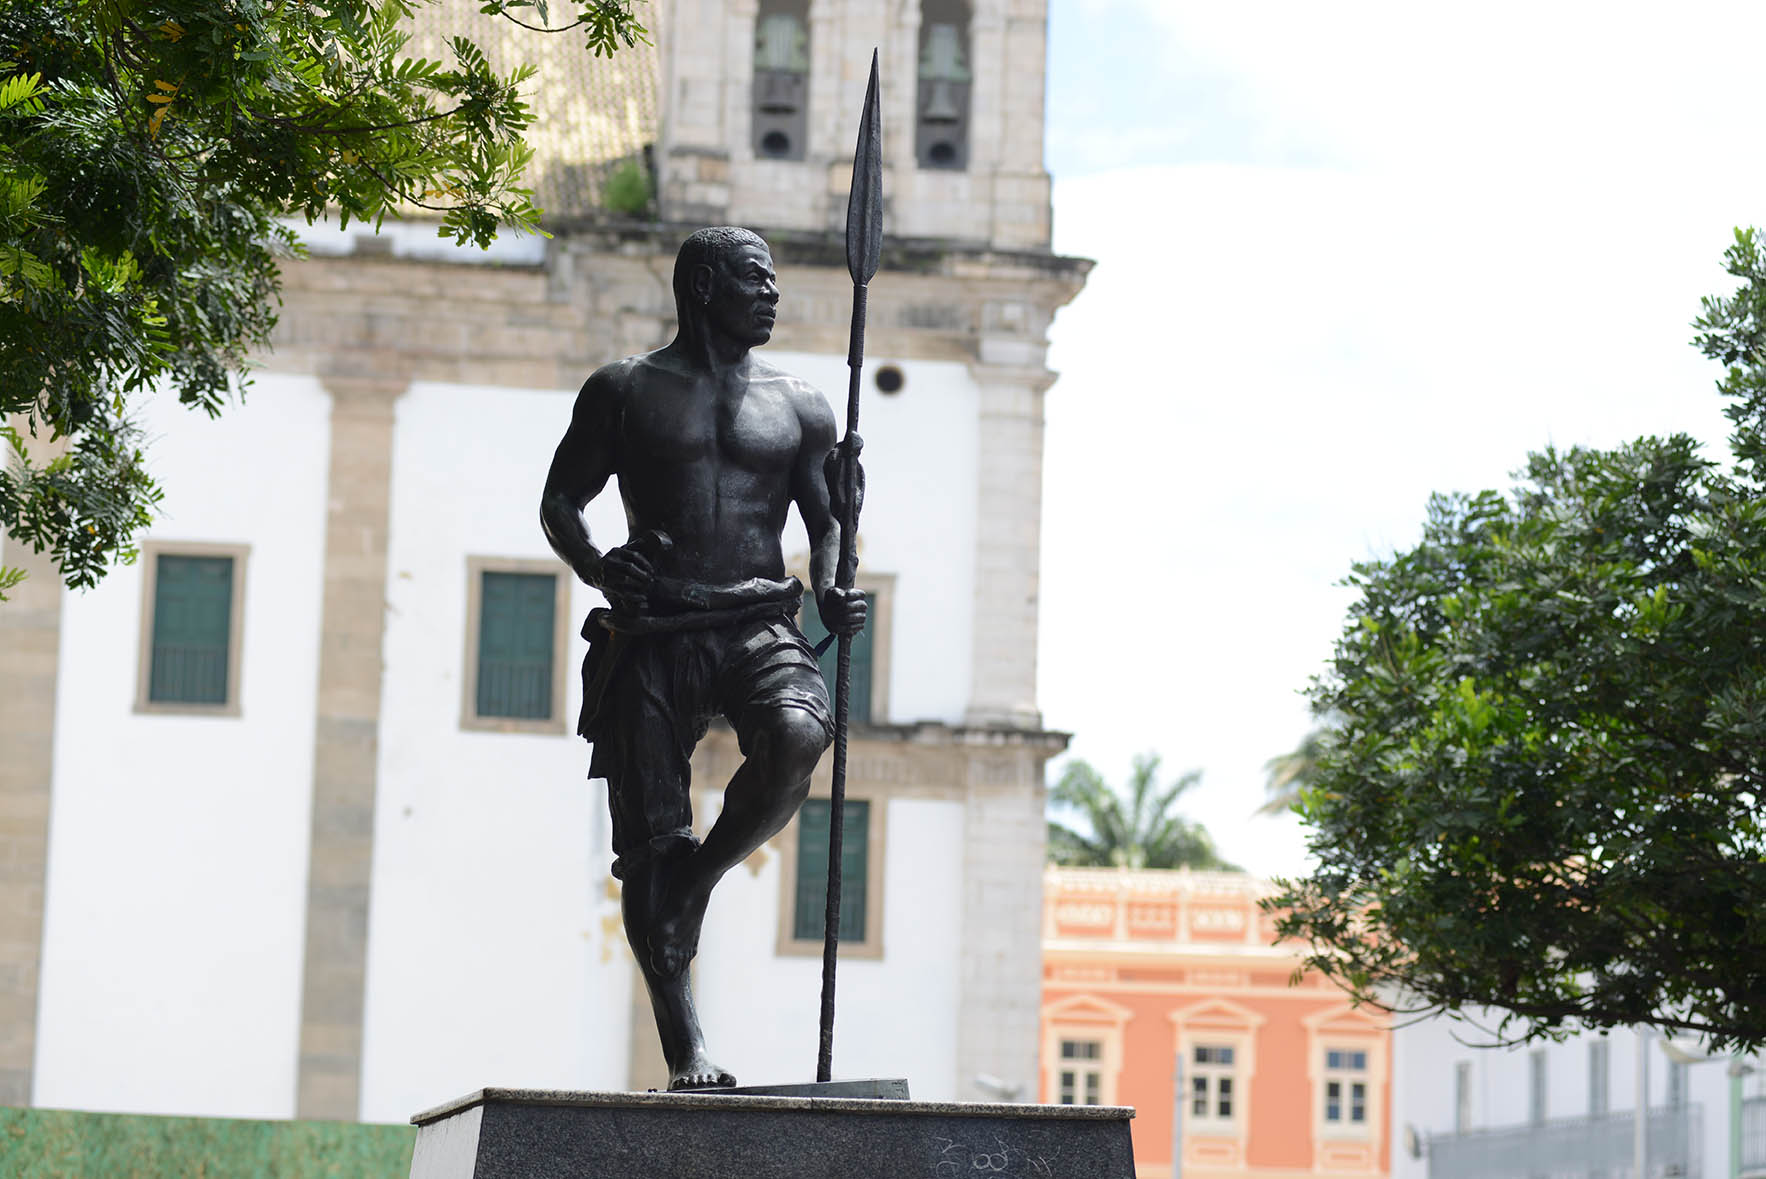 8ª Lavagem da estátua do Zumbi acontece no dia 20 de Novembro